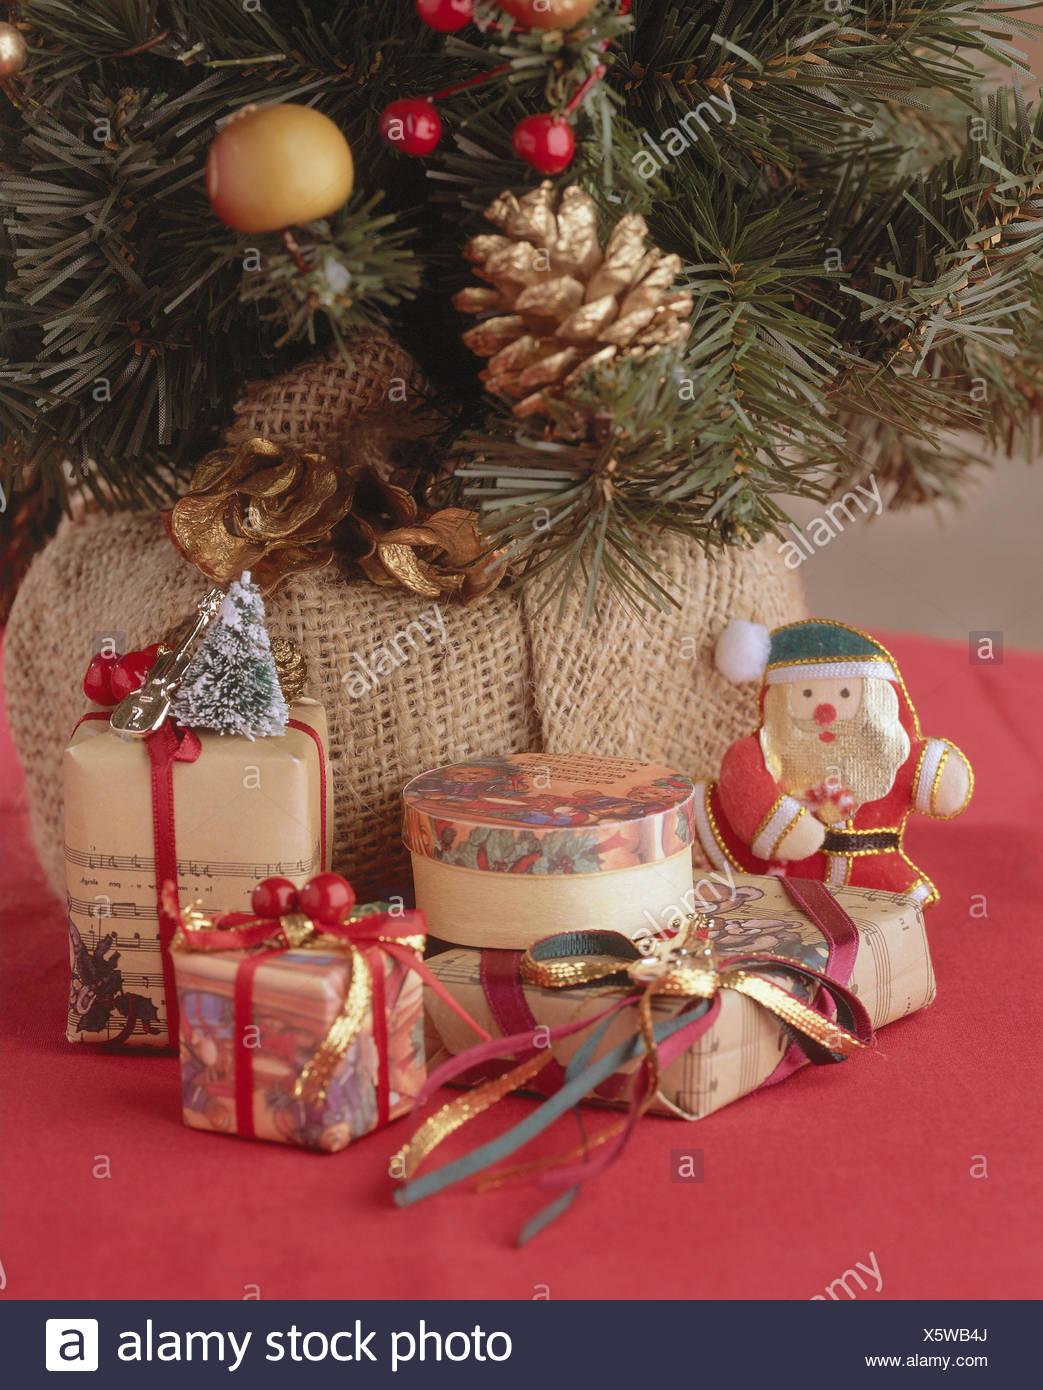 Bilder Weihnachten Nostalgisch.Weihnachtsbaum Geschenke Detail Nostalgie Nostalgisch